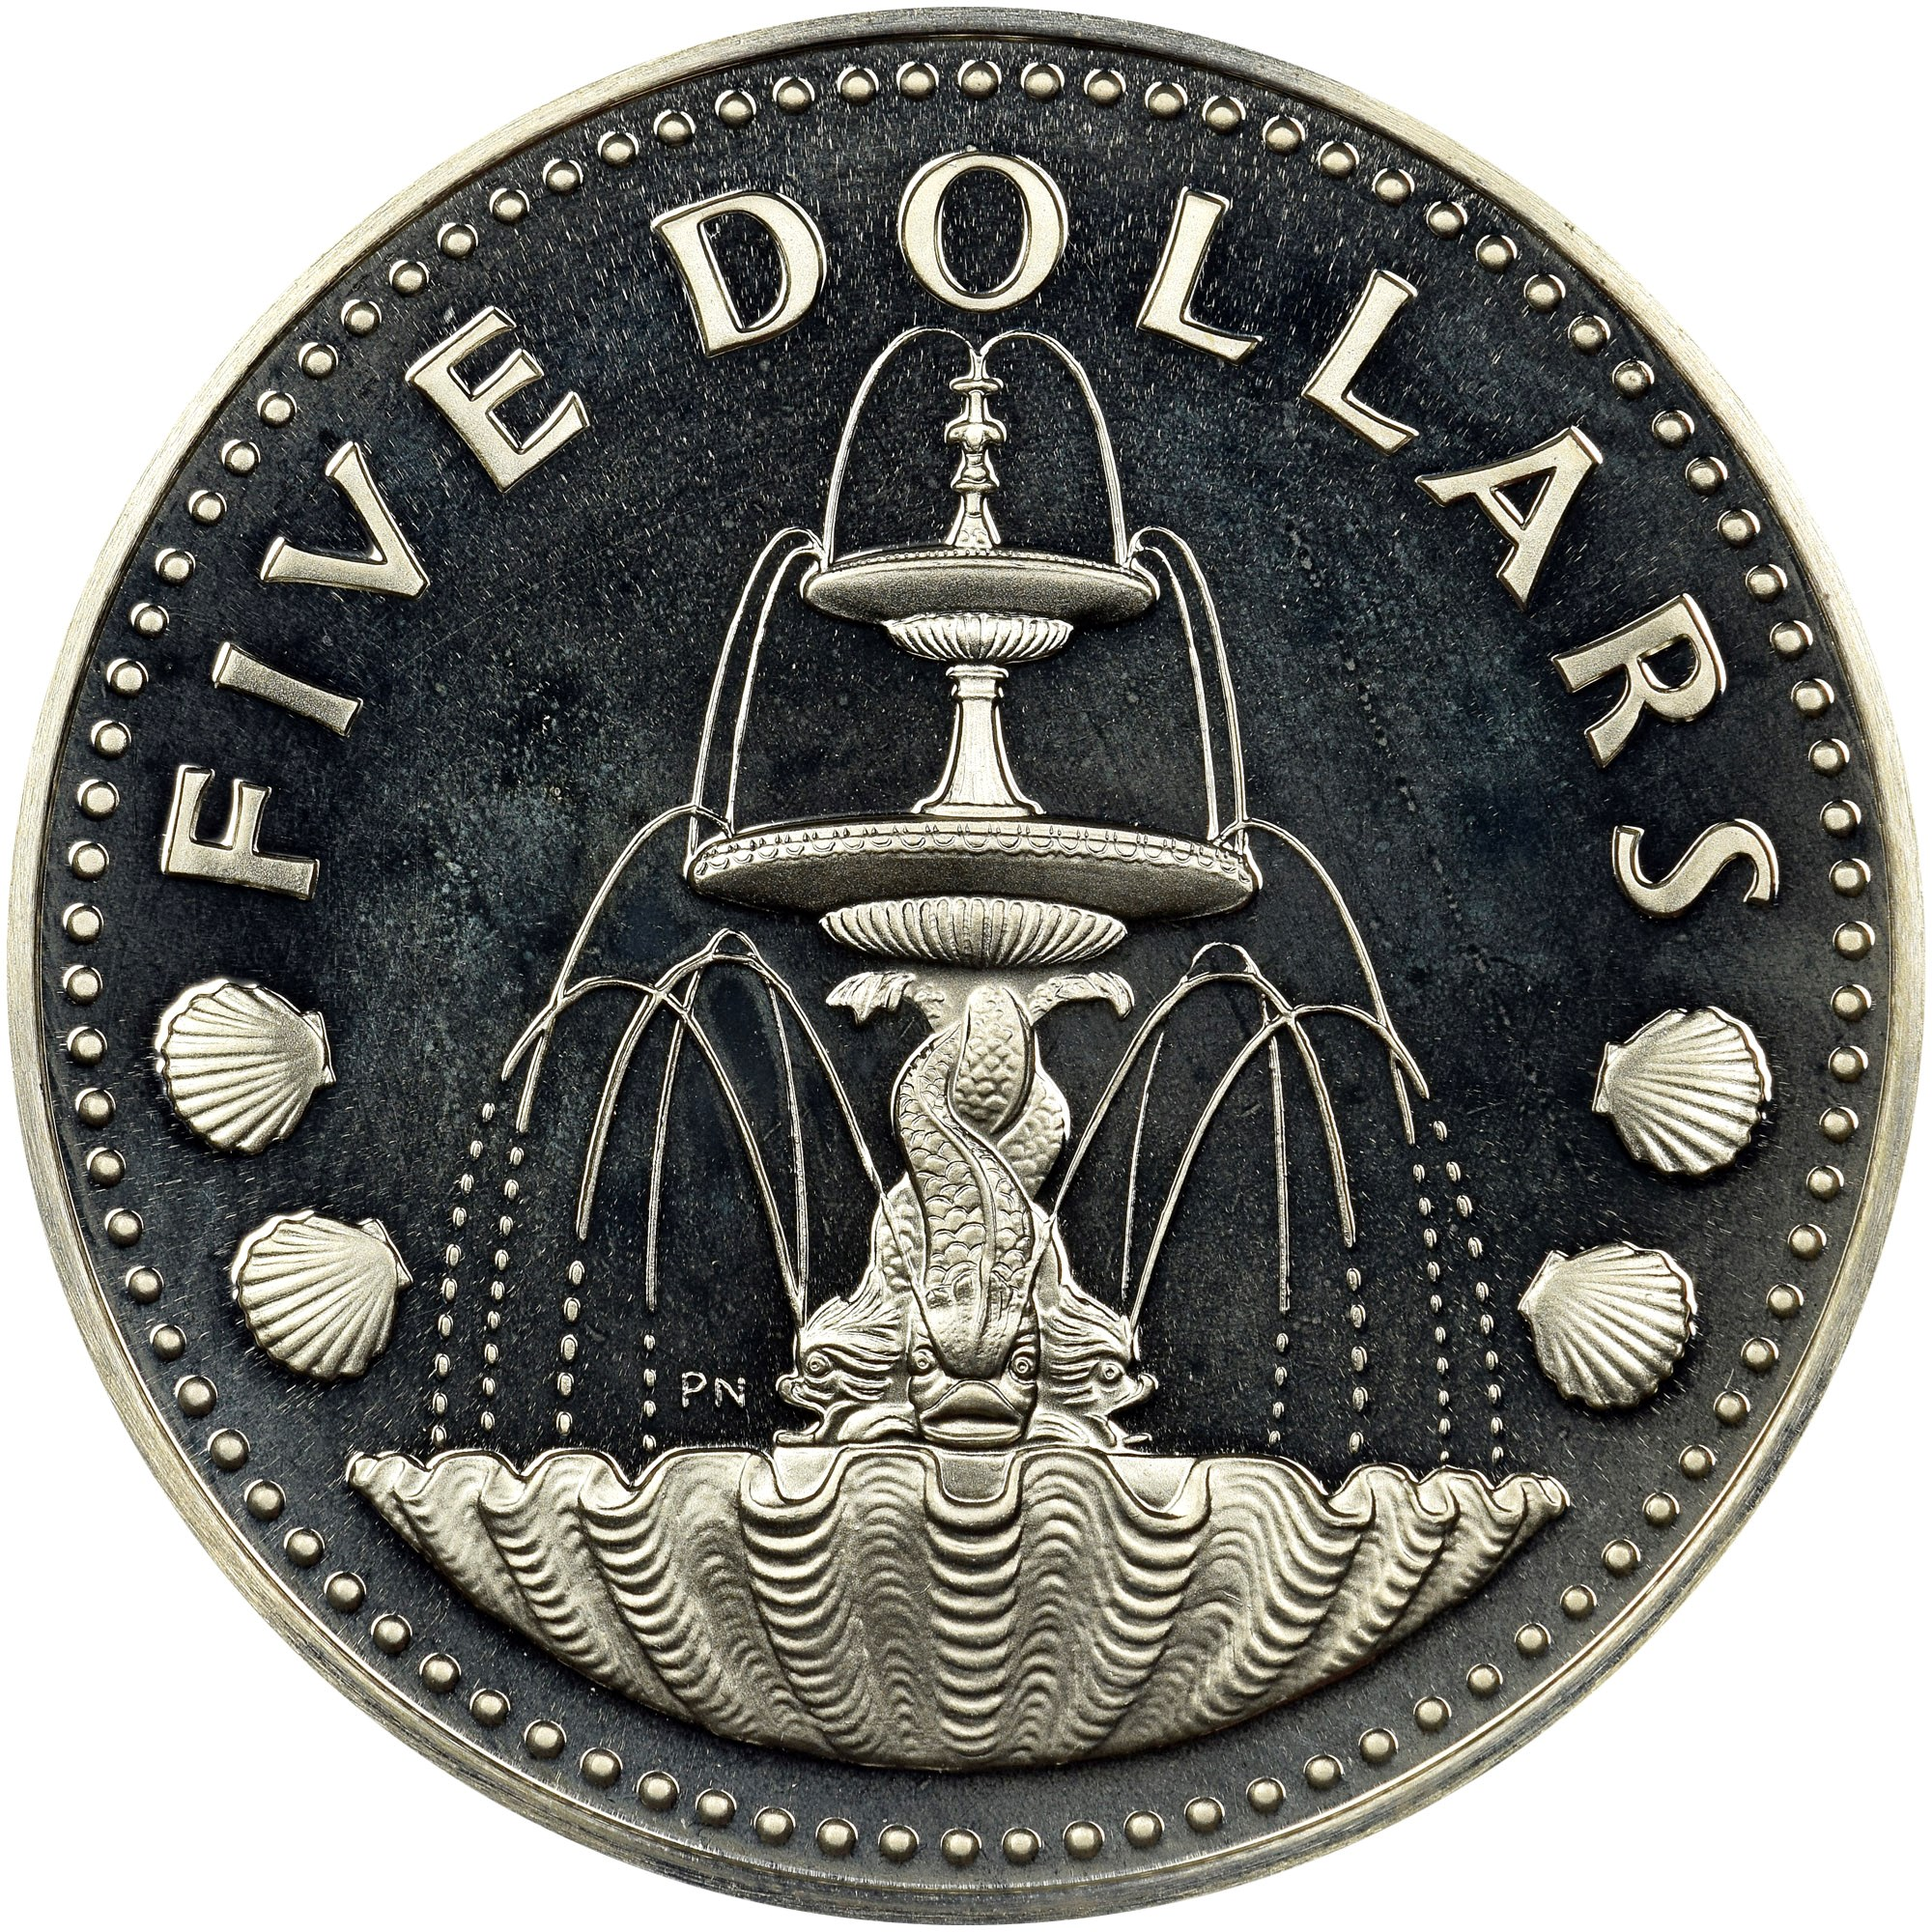 Barbados 5 Dollars reverse